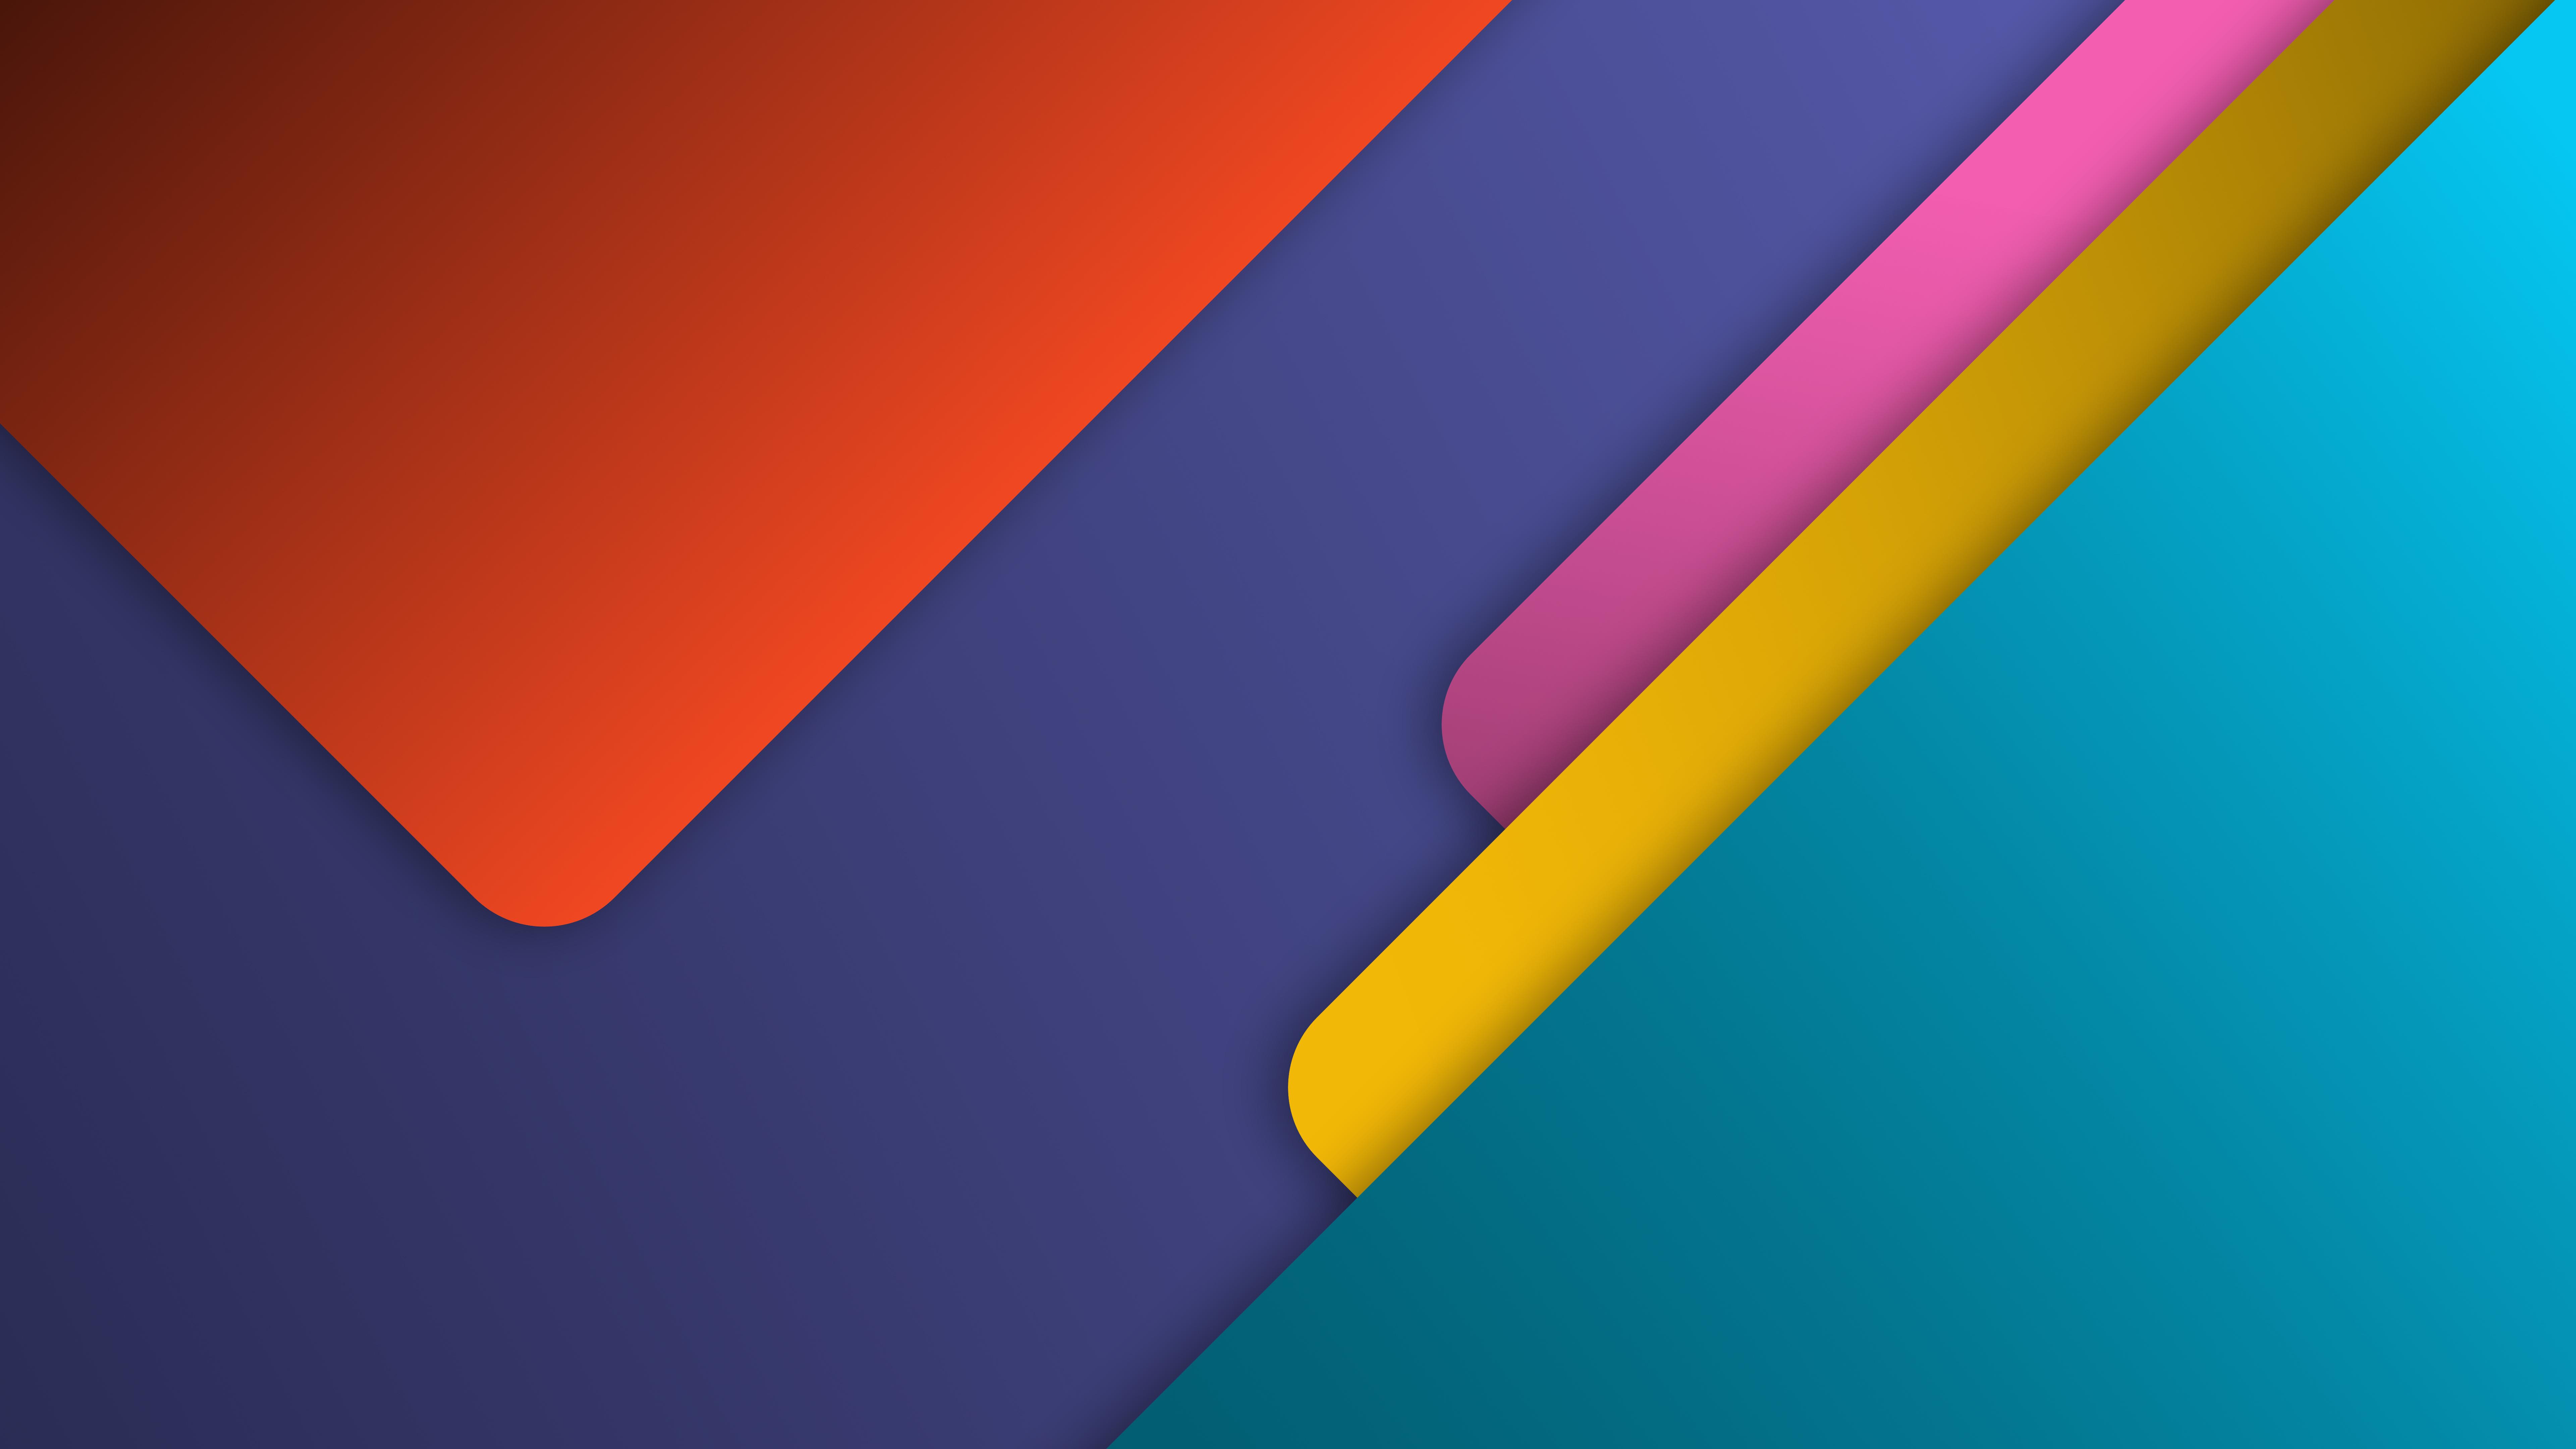 material minimal shape 4k 1634163652 - Material Minimal Shape 4k - Material Minimal Shape wallpapers, Material Minimal Shape 4k wallpapers